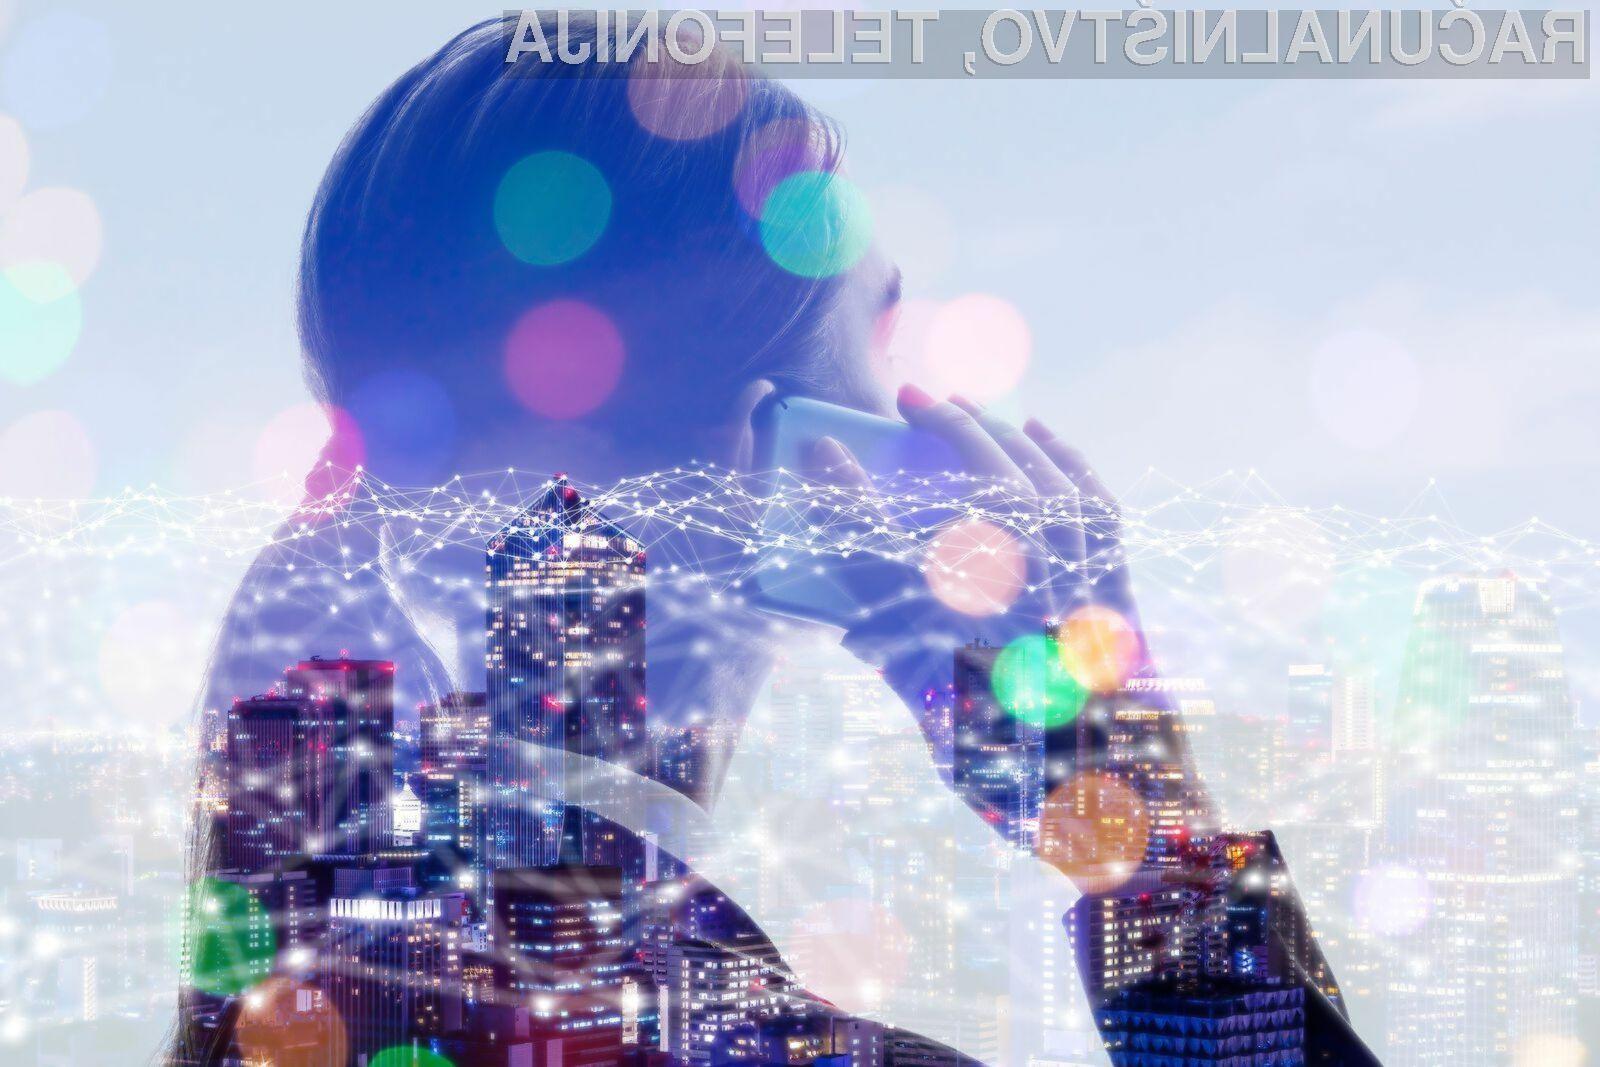 Trenutno je težko napovedovati, ali bo sevanje omrežja 5G imelo negativne posledice za zdravje ljudi v večjih mestih.